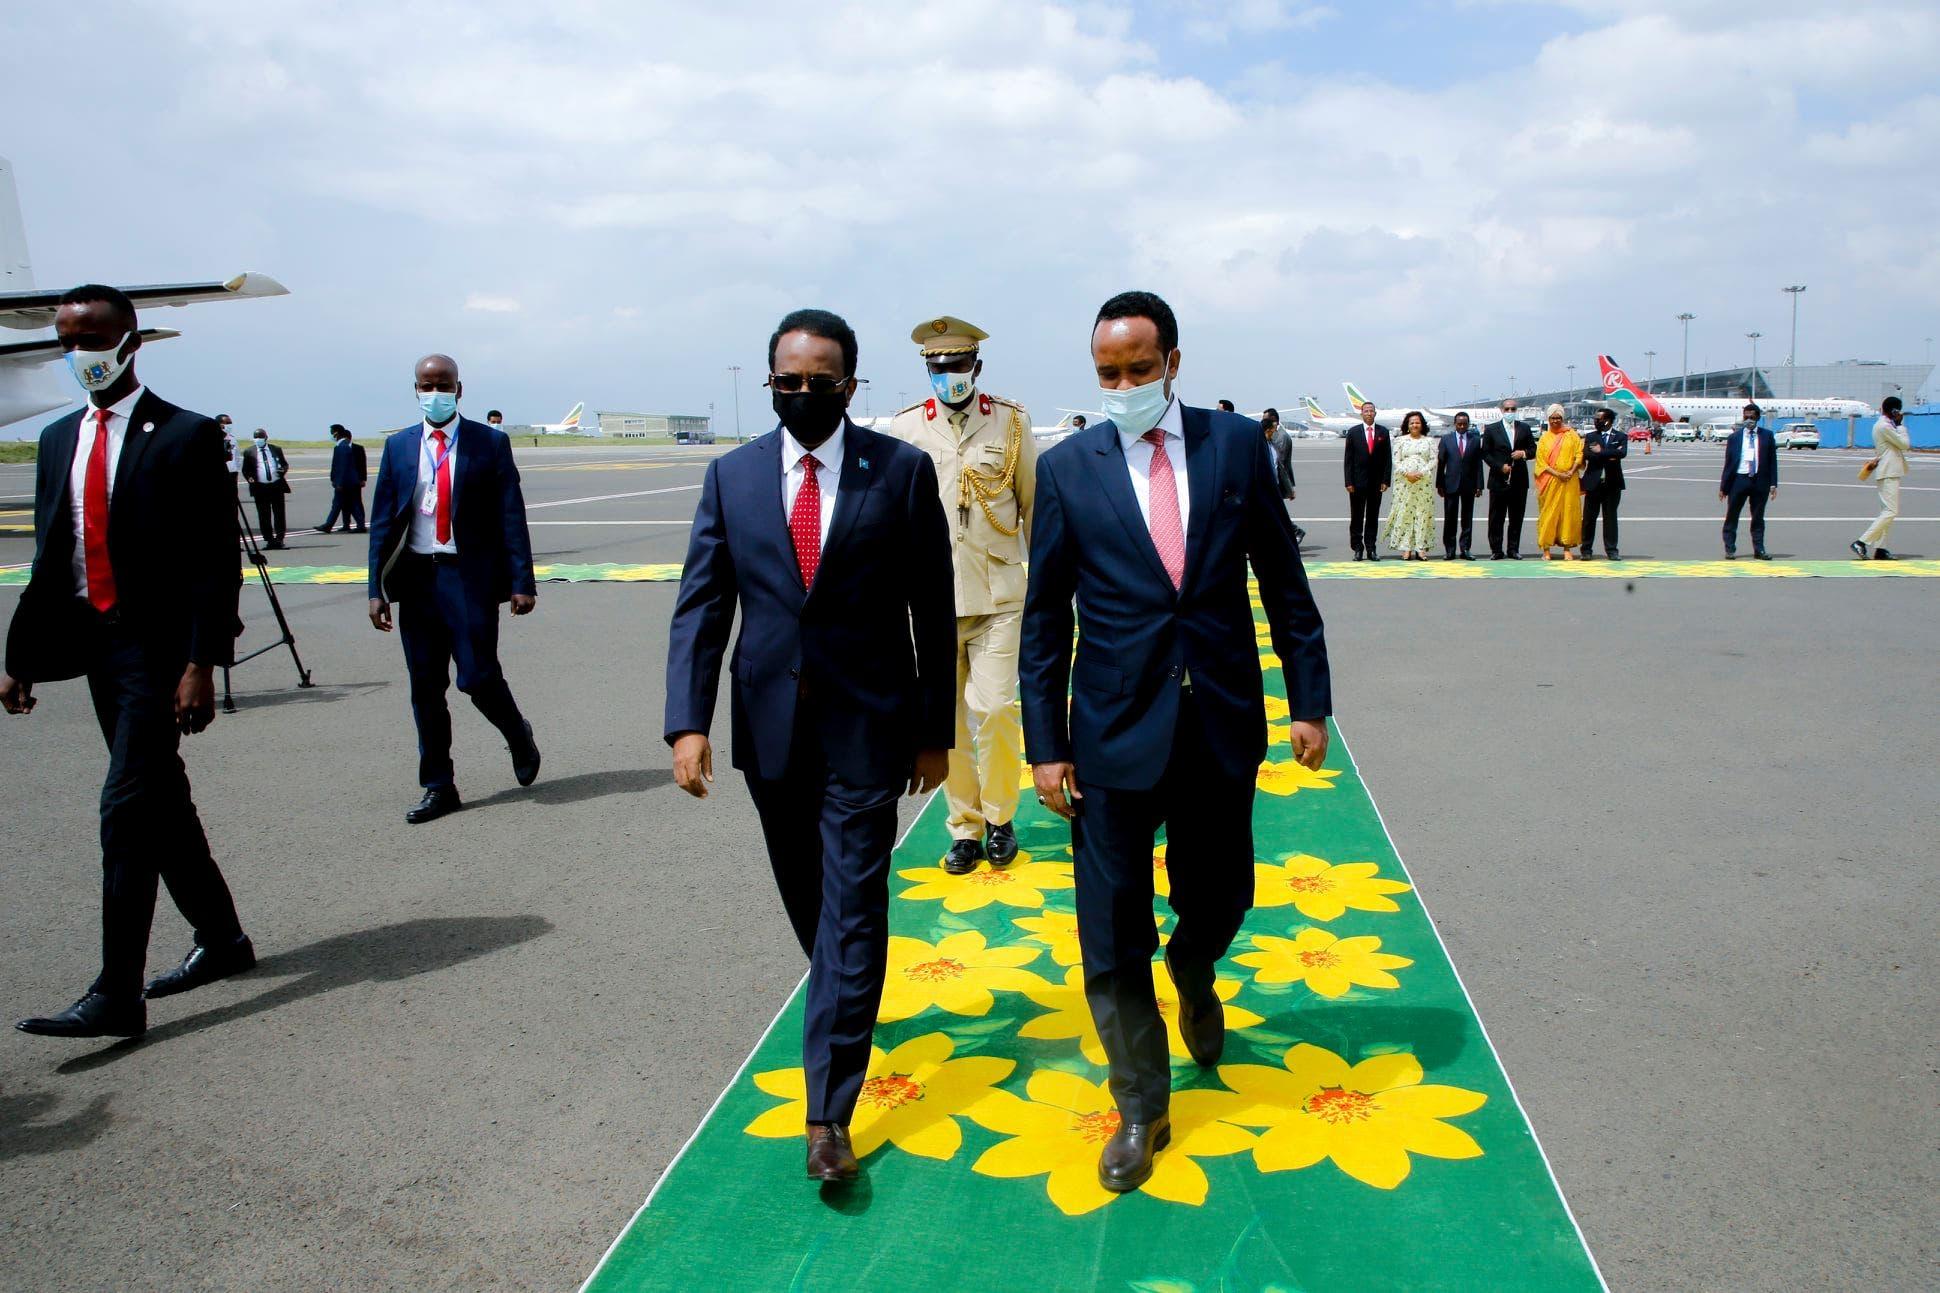 Sawirro: Sidee FARMAAJO loogu soo dhoweeyey Addis?